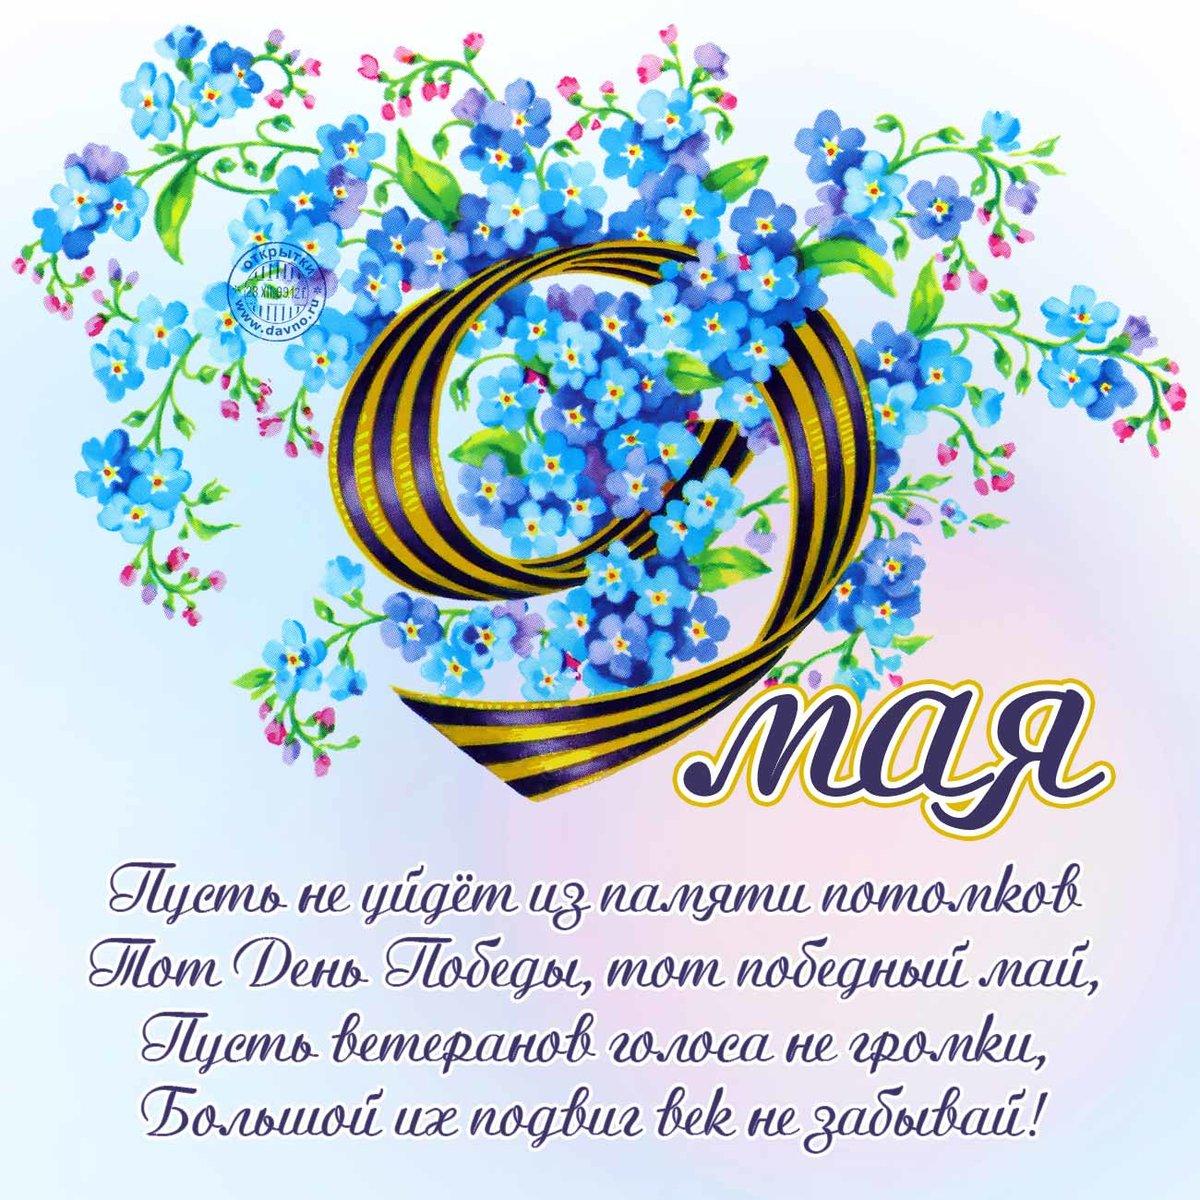 Поздравления 9 мая в открытках, прикольная